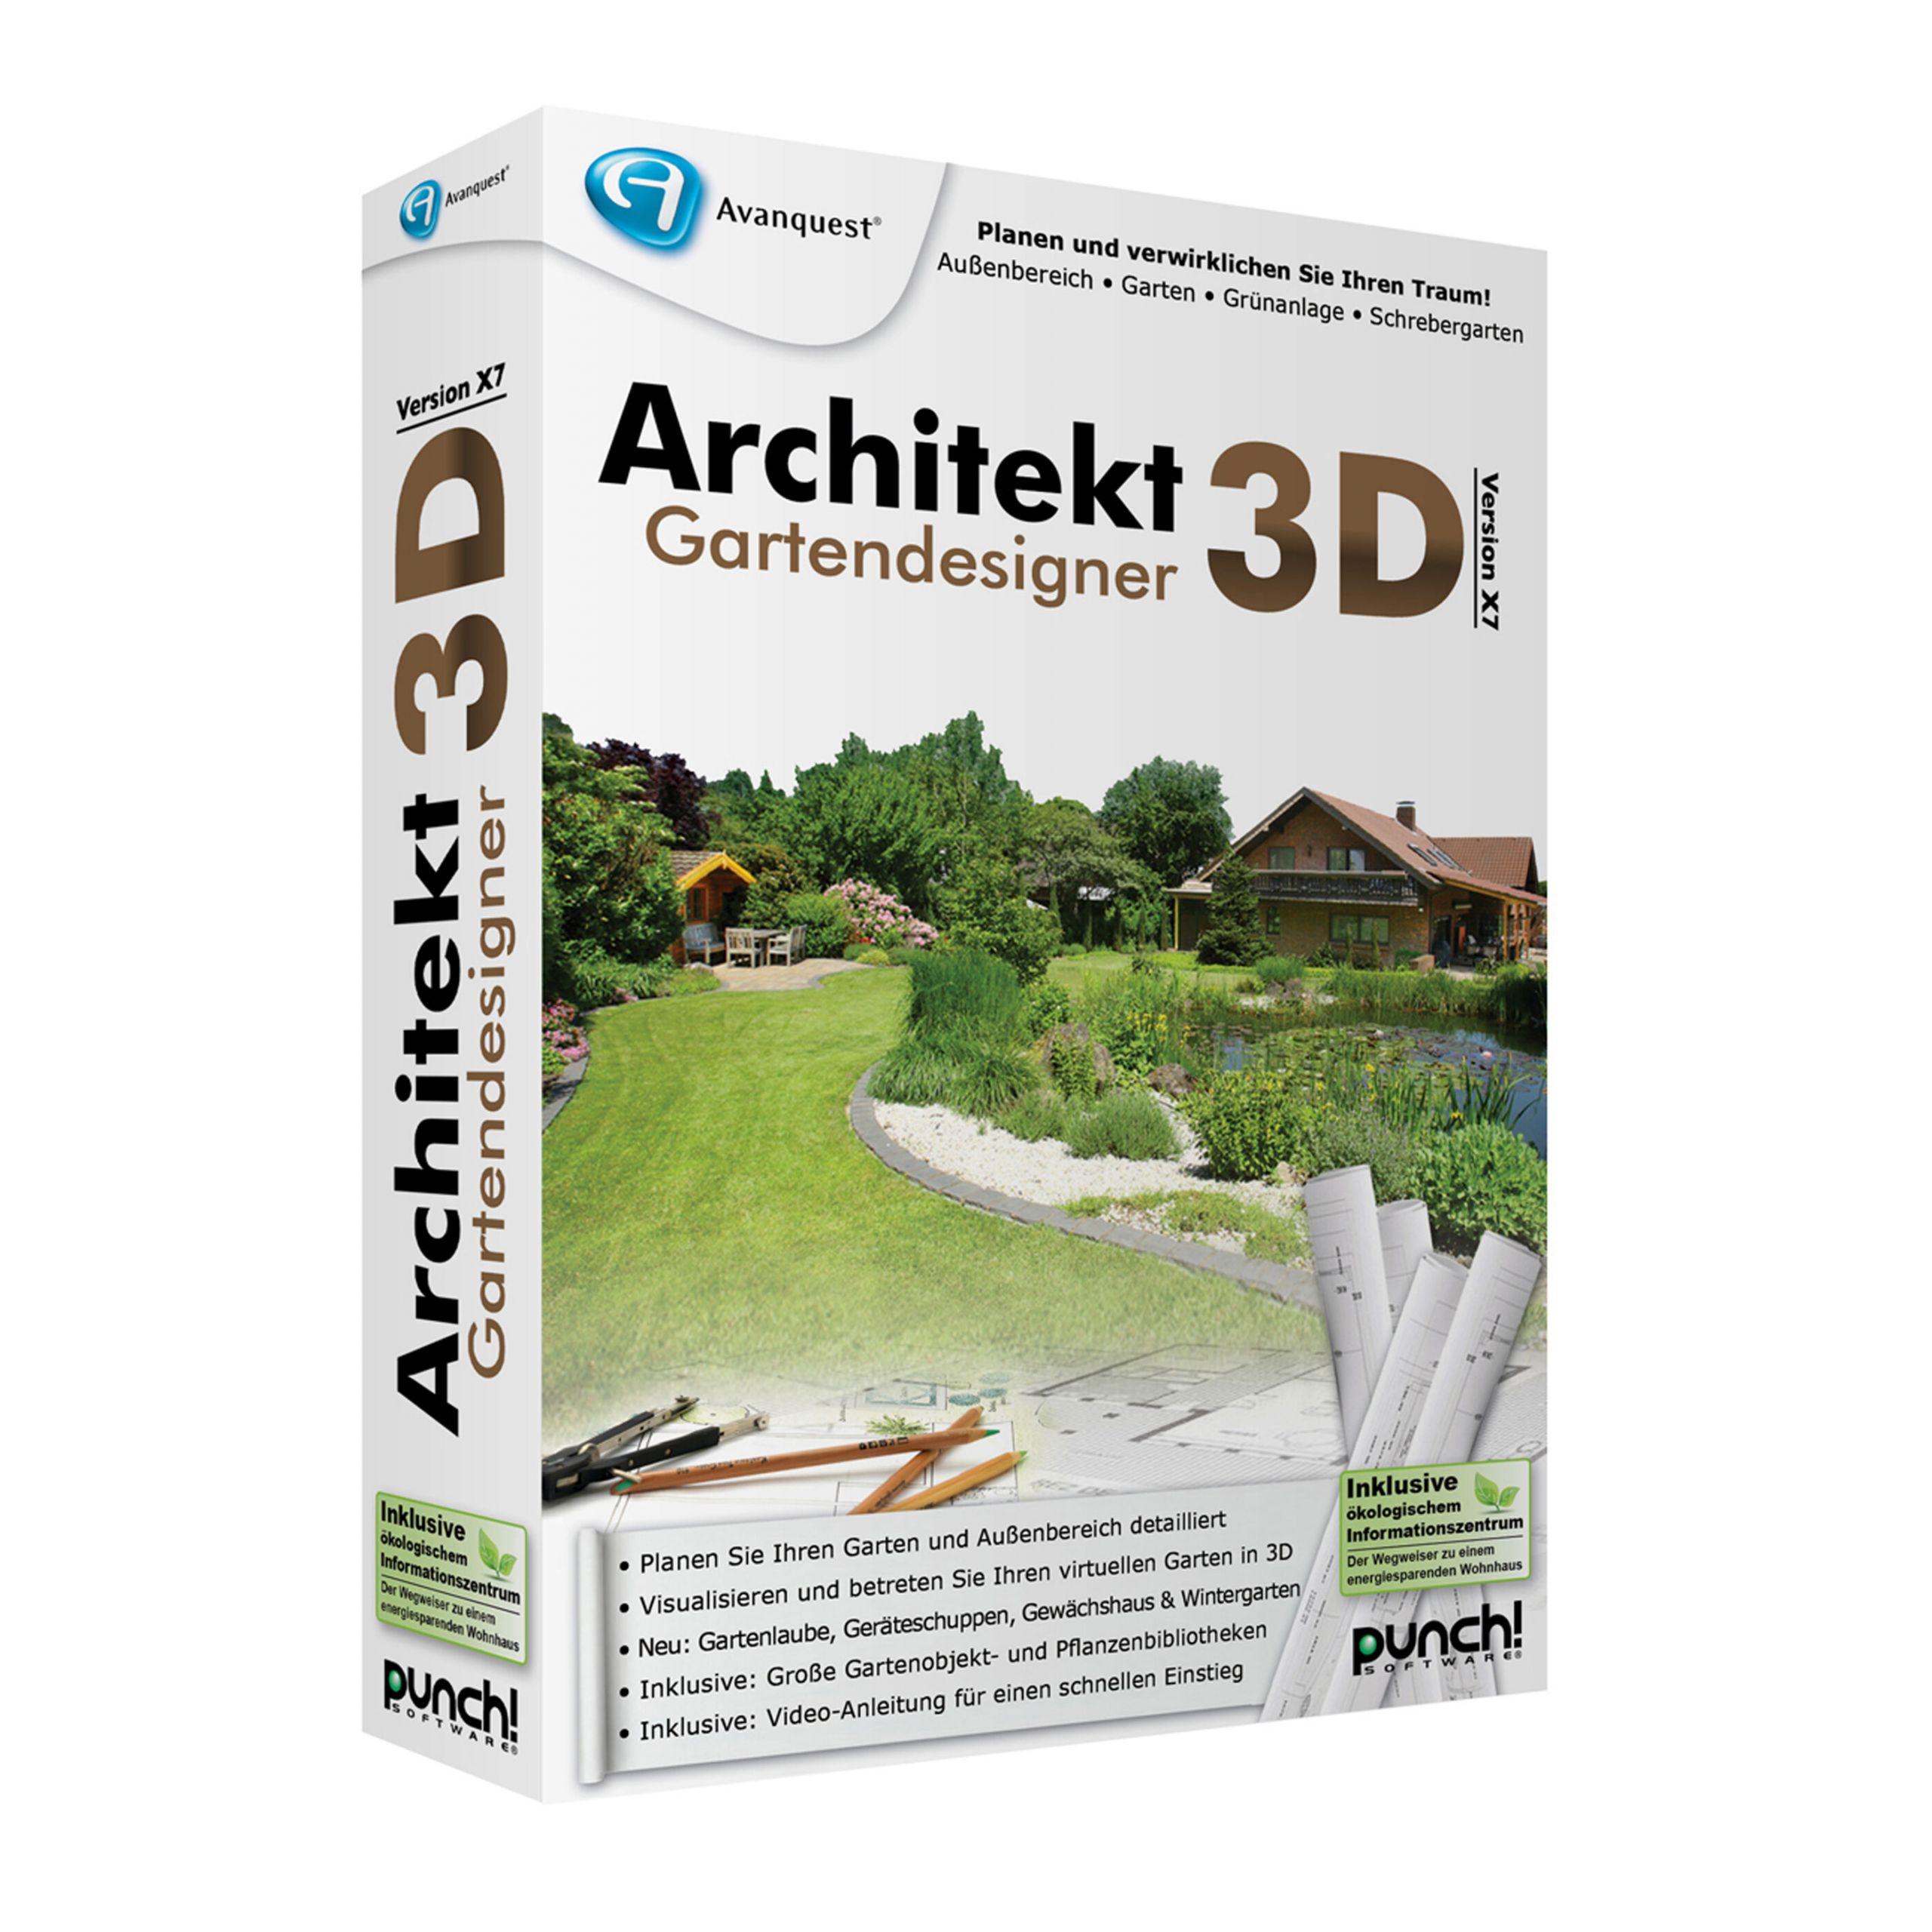 Gartendesigner Inspirierend Architekt 3d X7 Gartendesigner Bei Notebooksbilliger